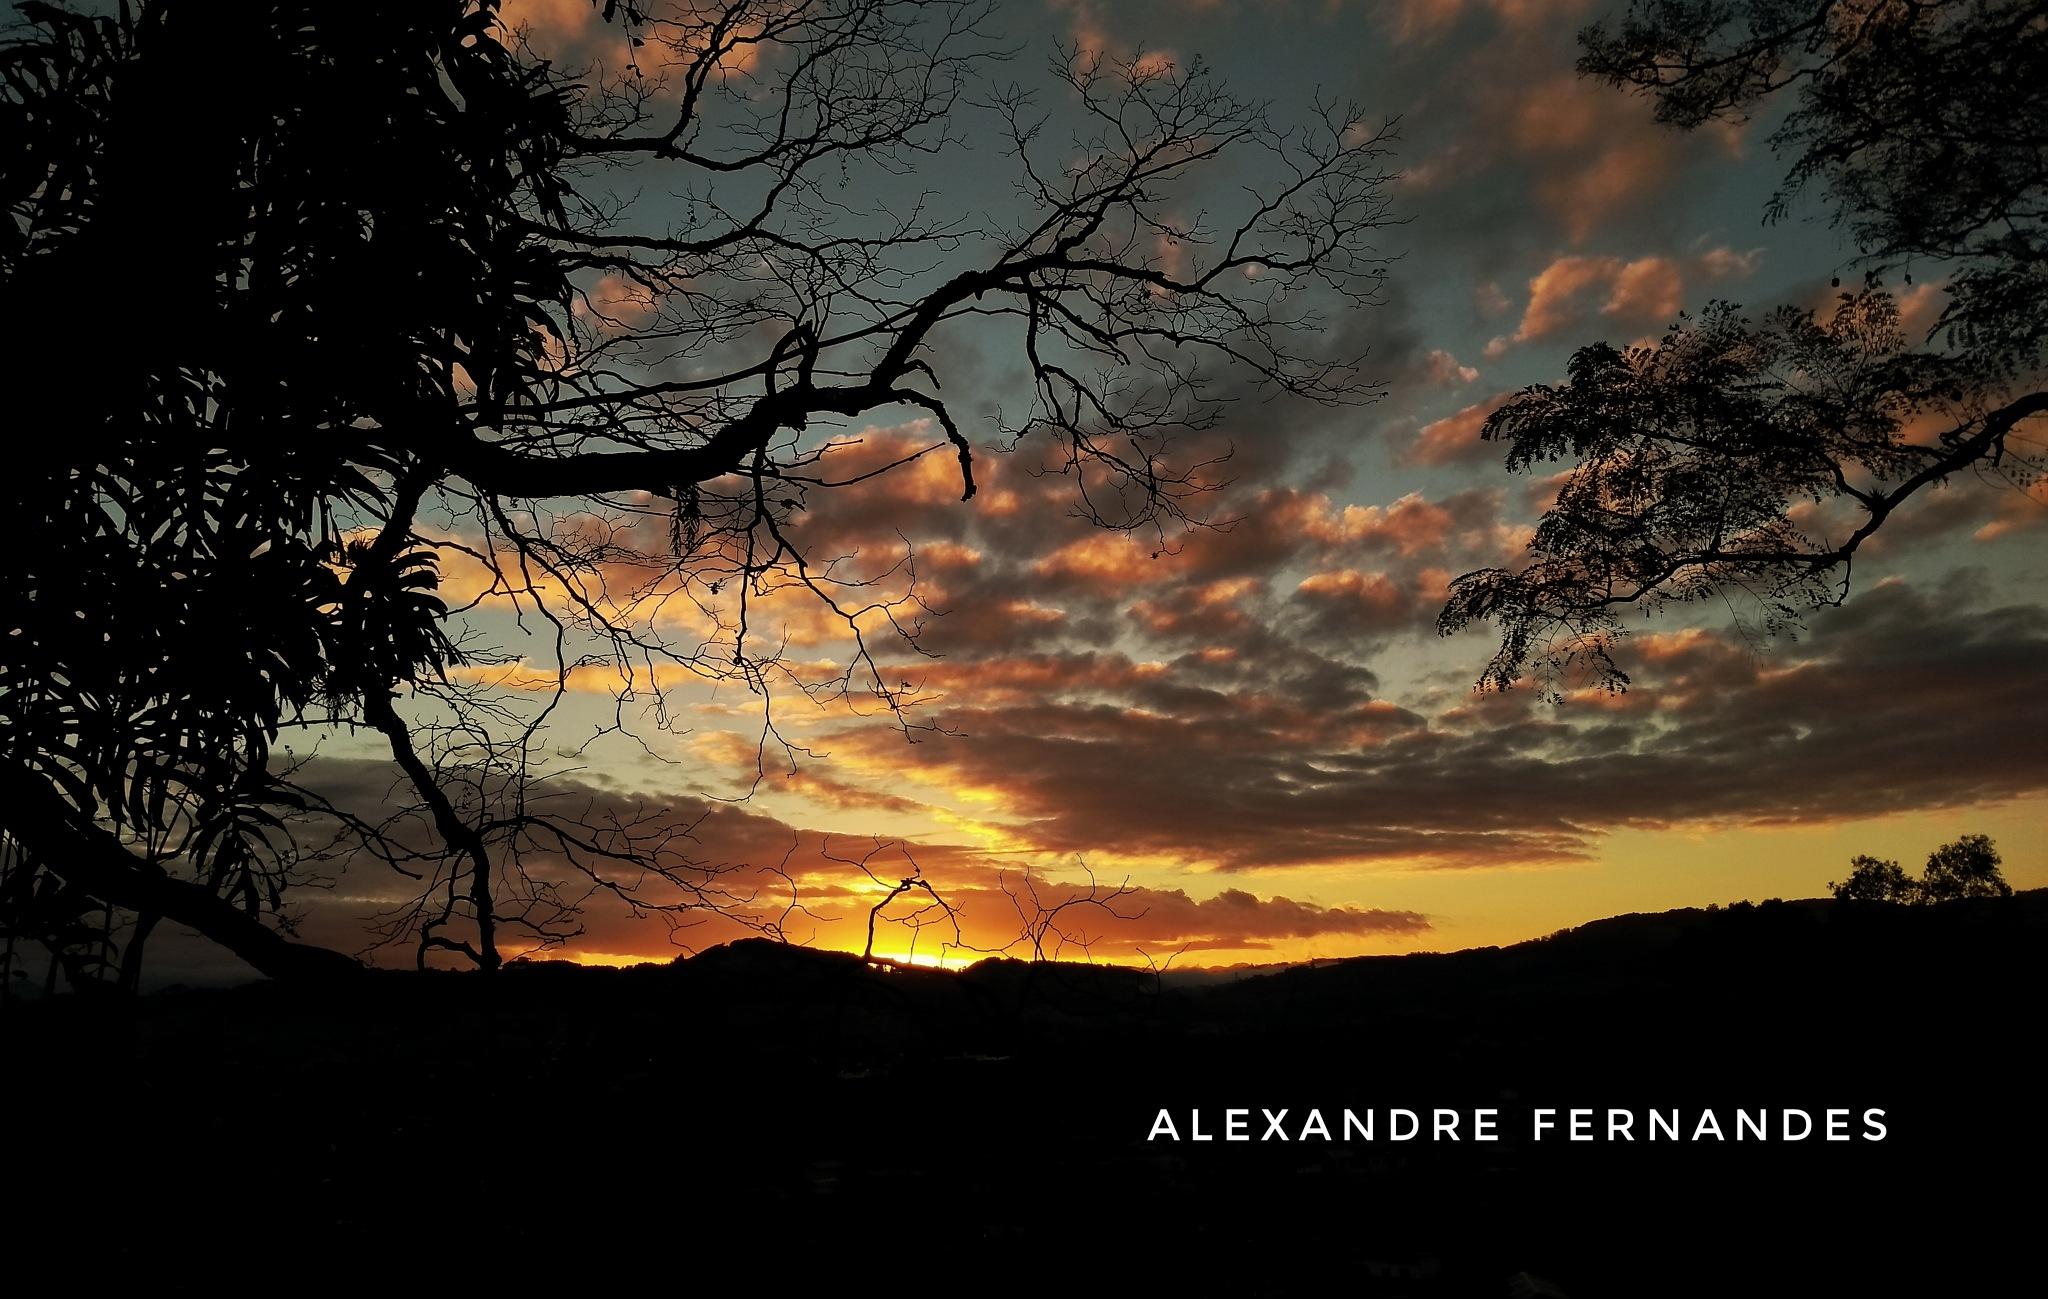 Amanhecer by Alexandre S. Fernandes